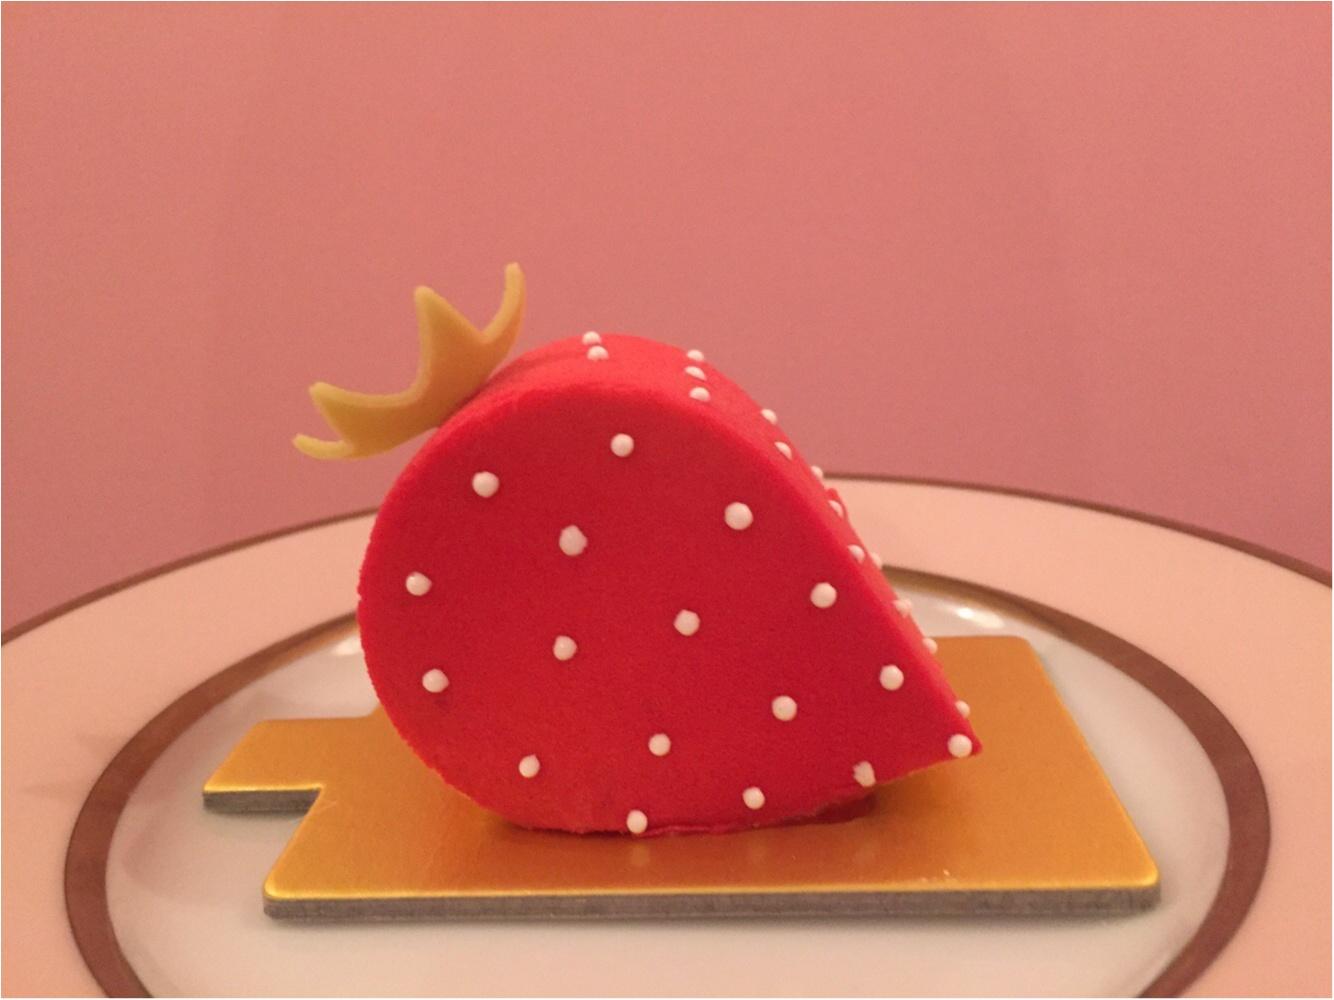 【FOOD】ほんとうは教えたくない!! 銀座LADURÉEの最強かわいいピンクの小部屋♡_1